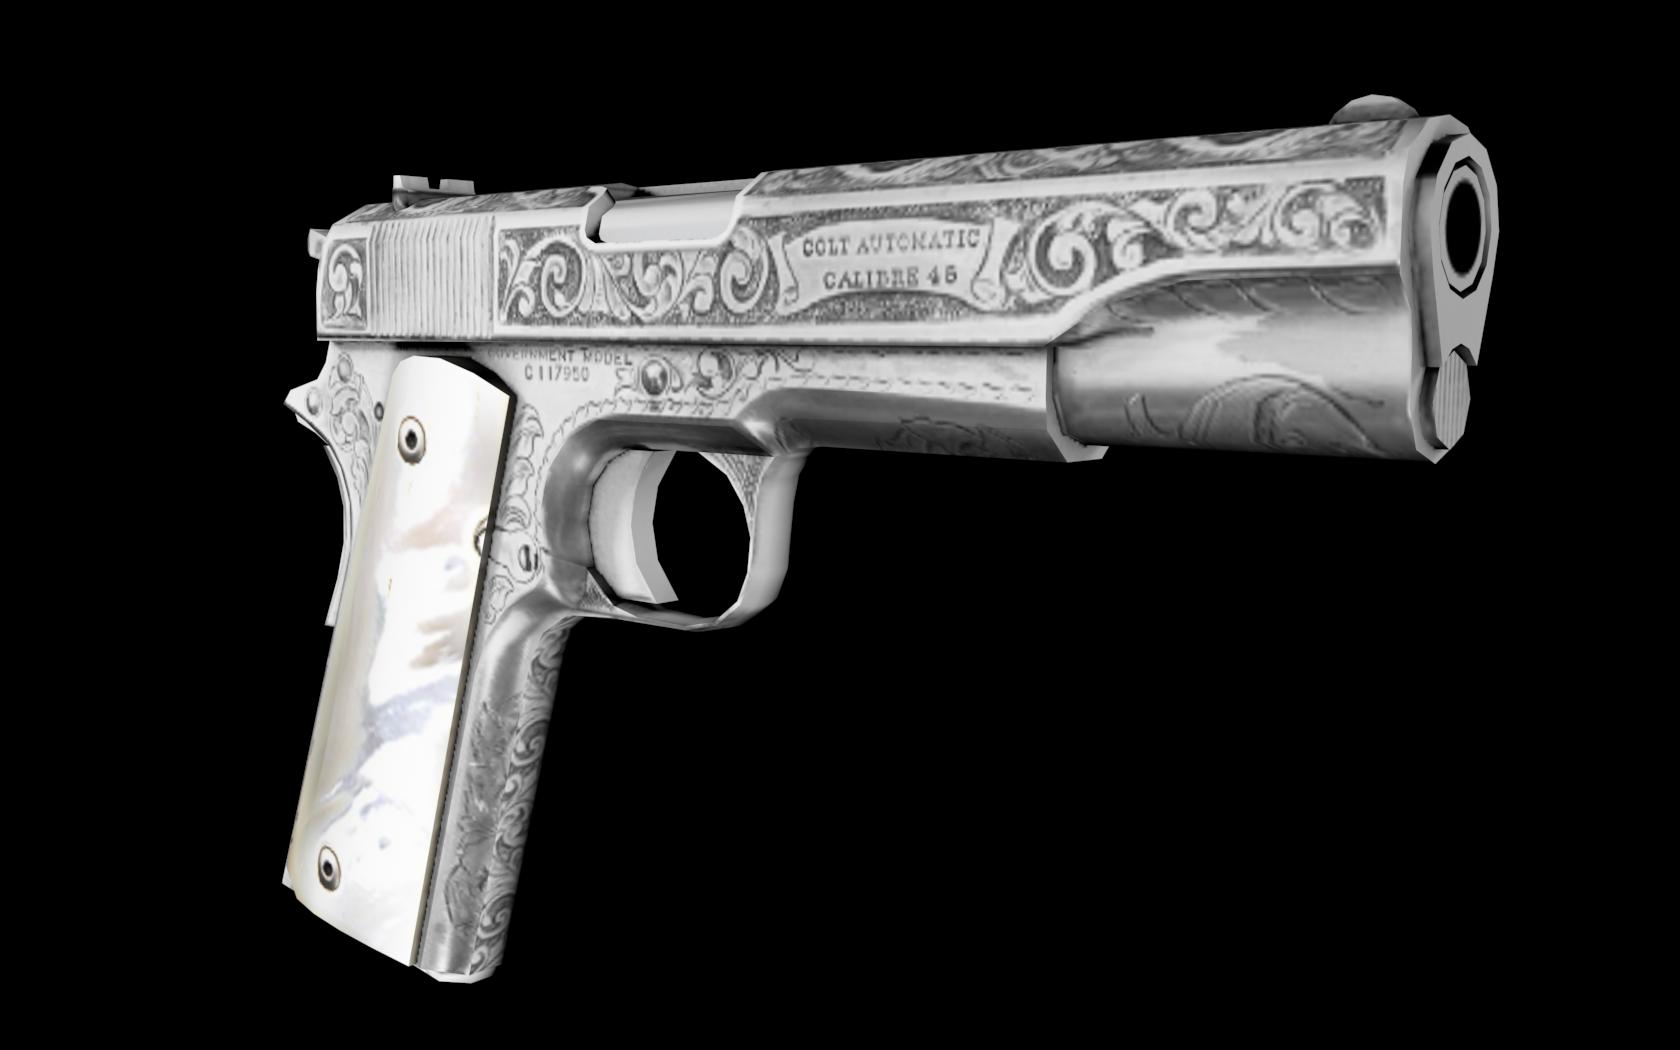 Colt 1911 - Engraved image - Mafia Titanic Mod for Mafia